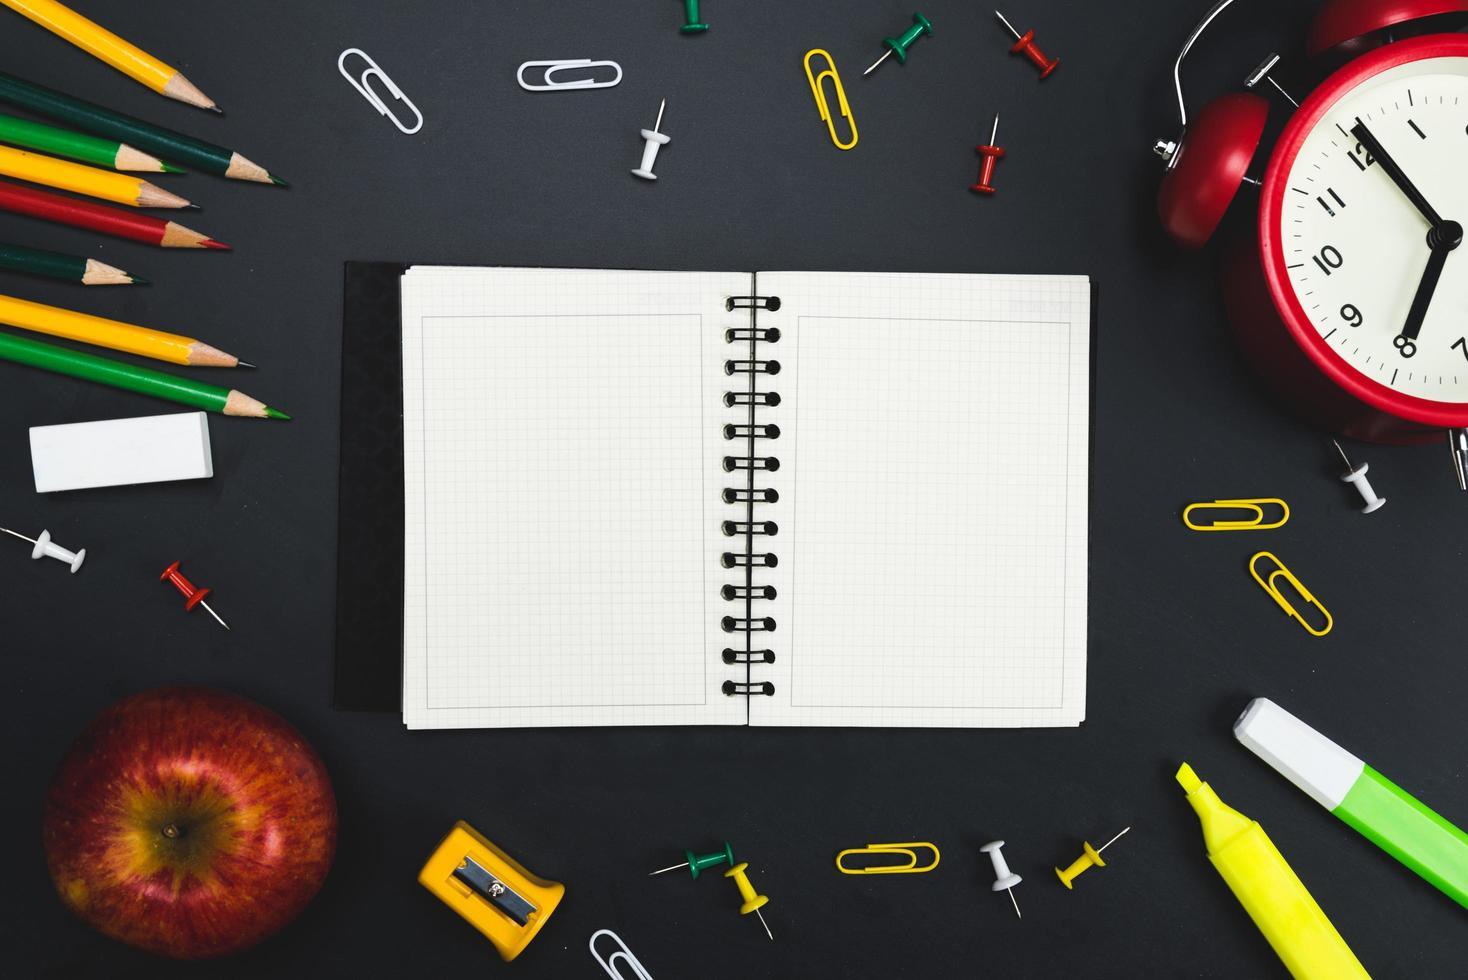 platt låg anteckningsbok omgiven av skolmaterial foto